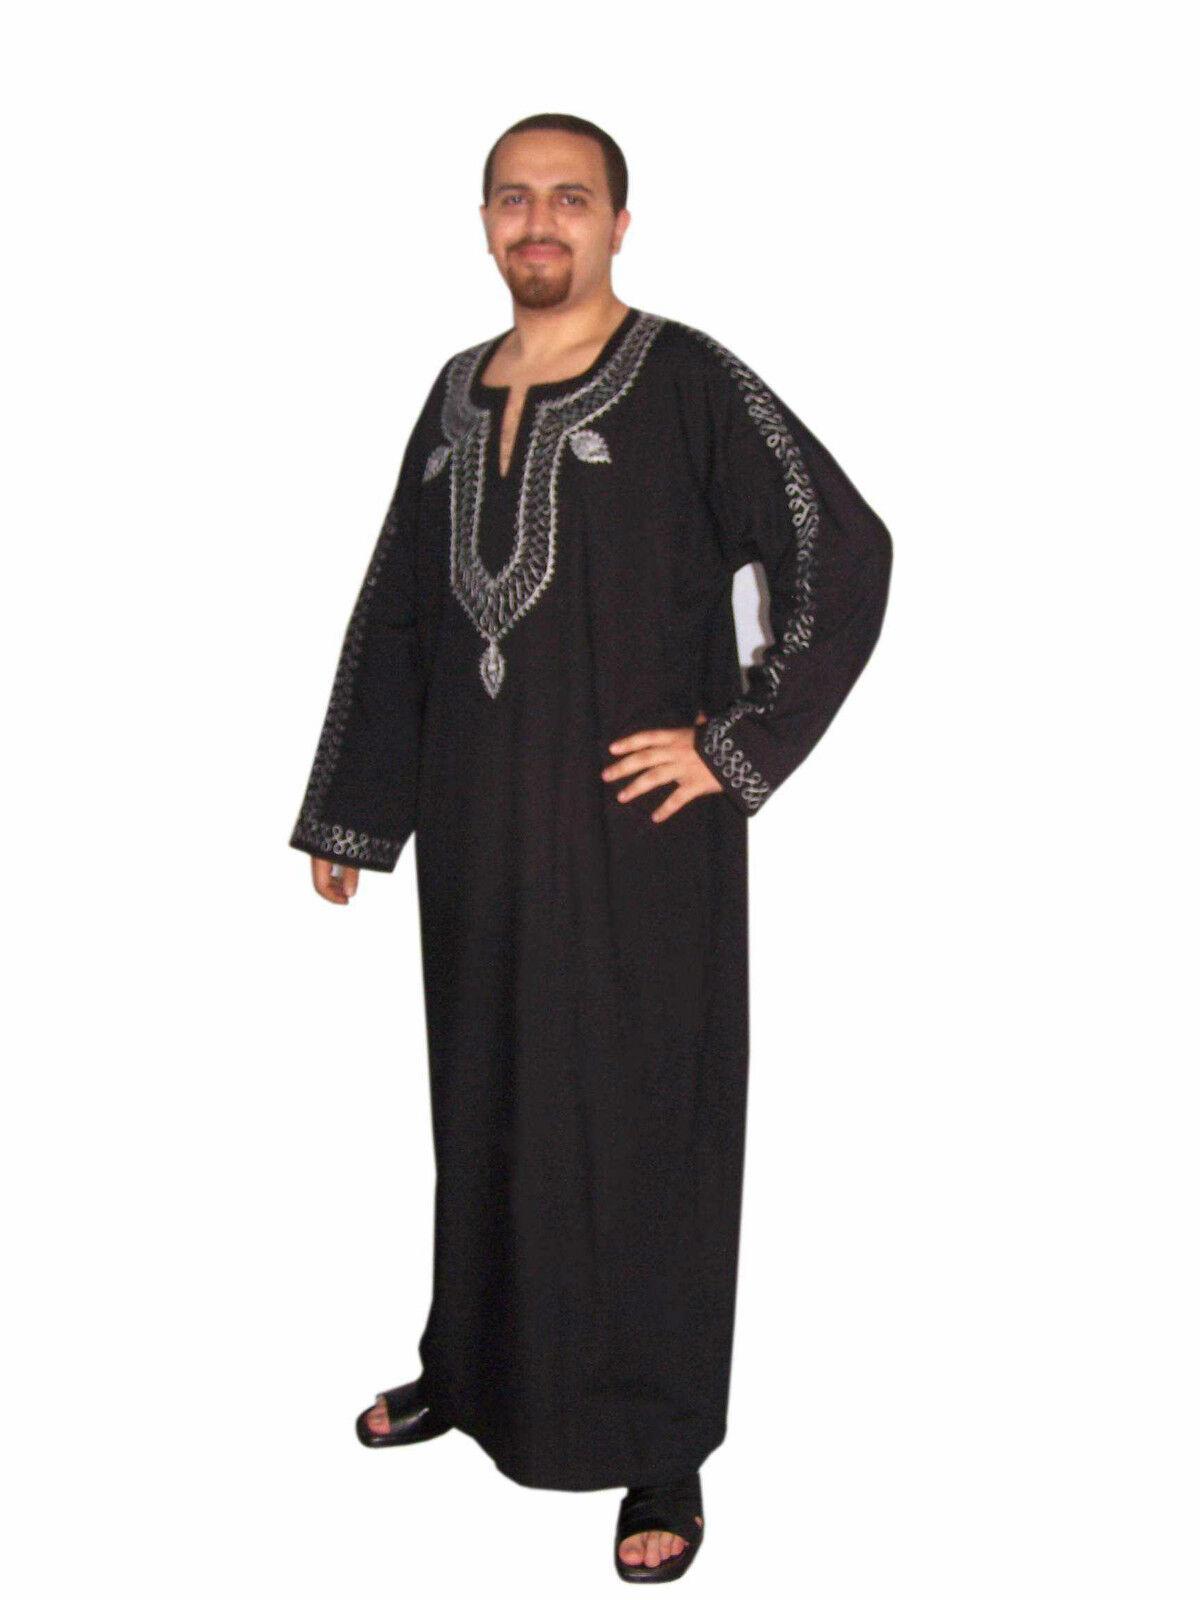 Wunderschöner eleganter Moderner Herren Kaftan aus1001 Nacht in schwarz KAM00174 | Up-to-date-styling